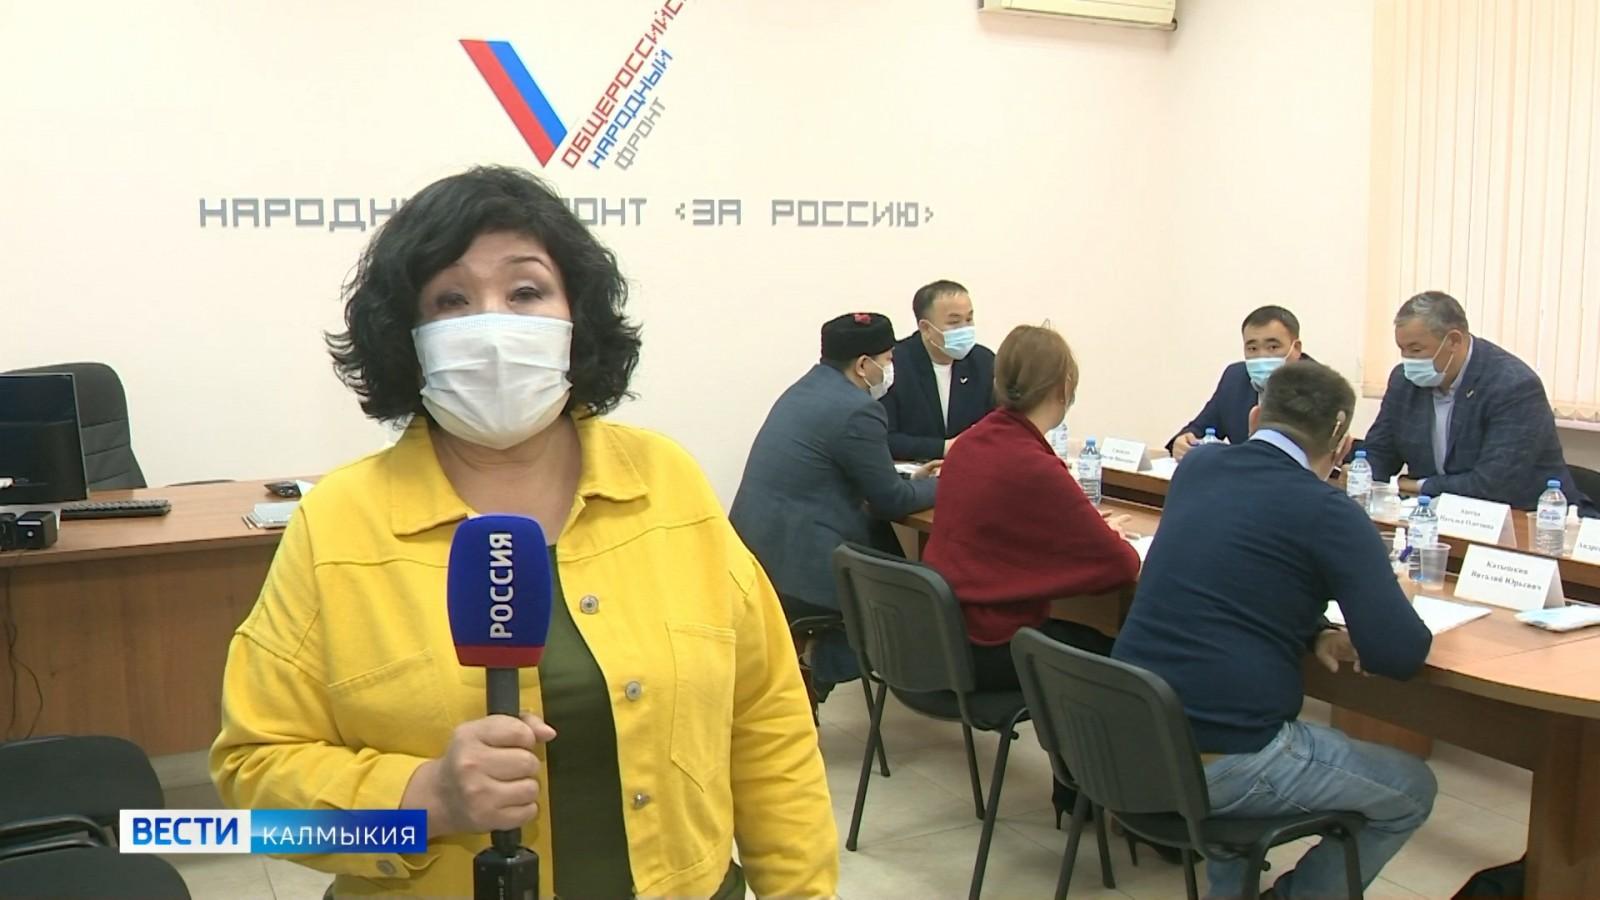 В Элисте состоялось заседание круглого стола Регионального штаба Общероссийского народного фронта